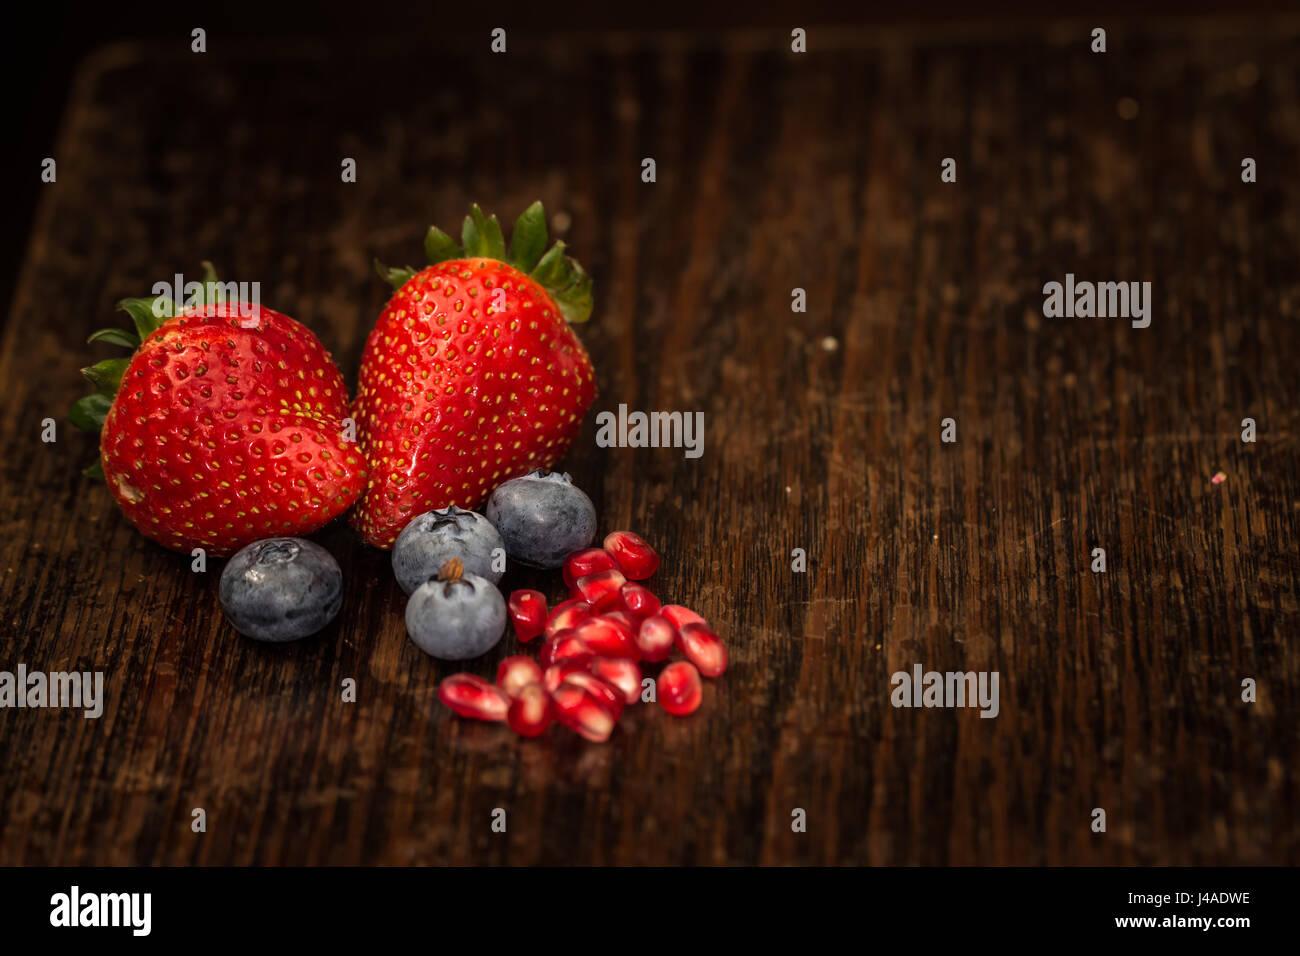 Ferme de fraises fraîchement cueillies blue berries libre avec graines de grenade with copy space Banque D'Images